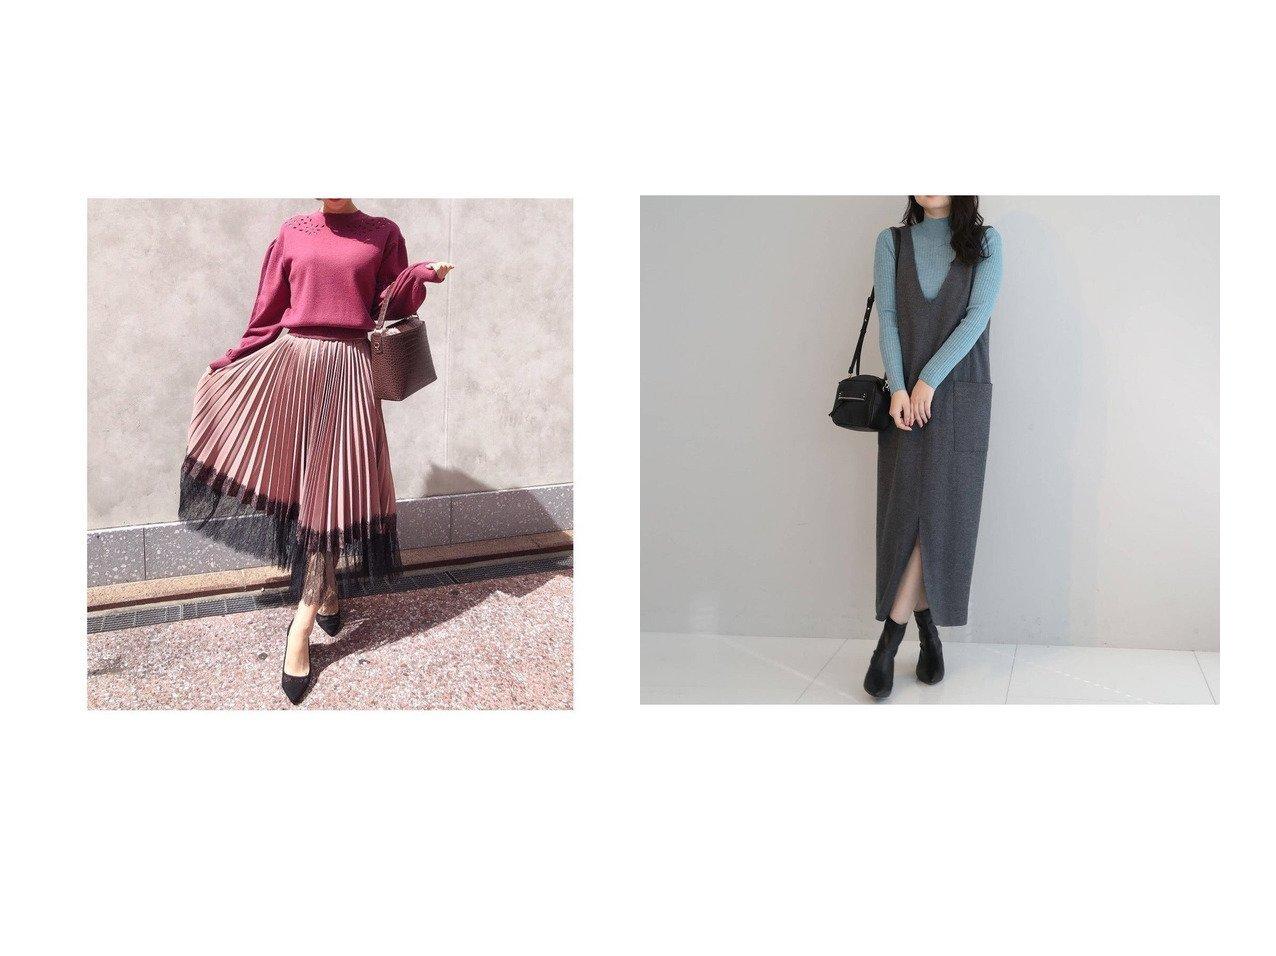 【anatelier/アナトリエ】の圧縮天竺ジャンパースカート&【31 Sons de mode/トランテアン ソン ドゥ モード】の【スカート】裾レースプリーツスカート スカートのおすすめ!人気、レディースファッションの通販 おすすめで人気のファッション通販商品 インテリア・家具・キッズファッション・メンズファッション・レディースファッション・服の通販 founy(ファニー) https://founy.com/ ファッション Fashion レディース WOMEN スカート Skirt プリーツスカート Pleated Skirts エレガント 秋 今季 ジョーゼット スニーカー ダウン トレンド トレーナー パーカー プリーツ レース 冬 Winter |ID:crp329100000004899